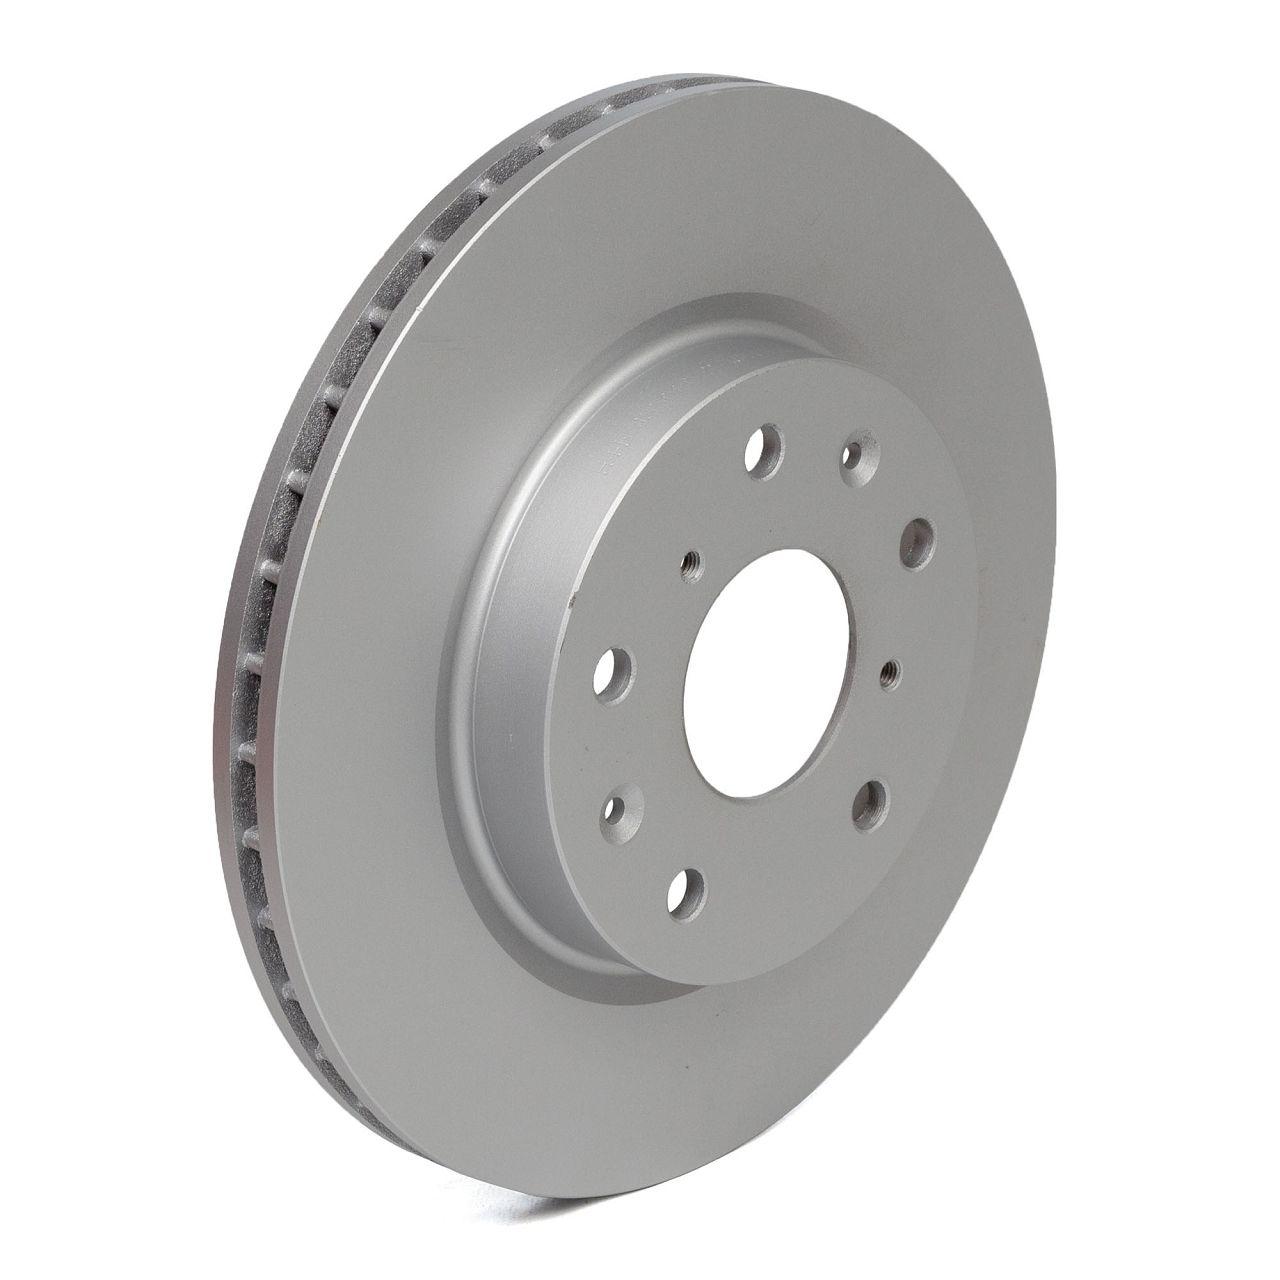 HERTH+BUSS Bremsen Kit Bremsscheiben + Bremsbeläge für SUZUKI SX4 (EY GY) vorne